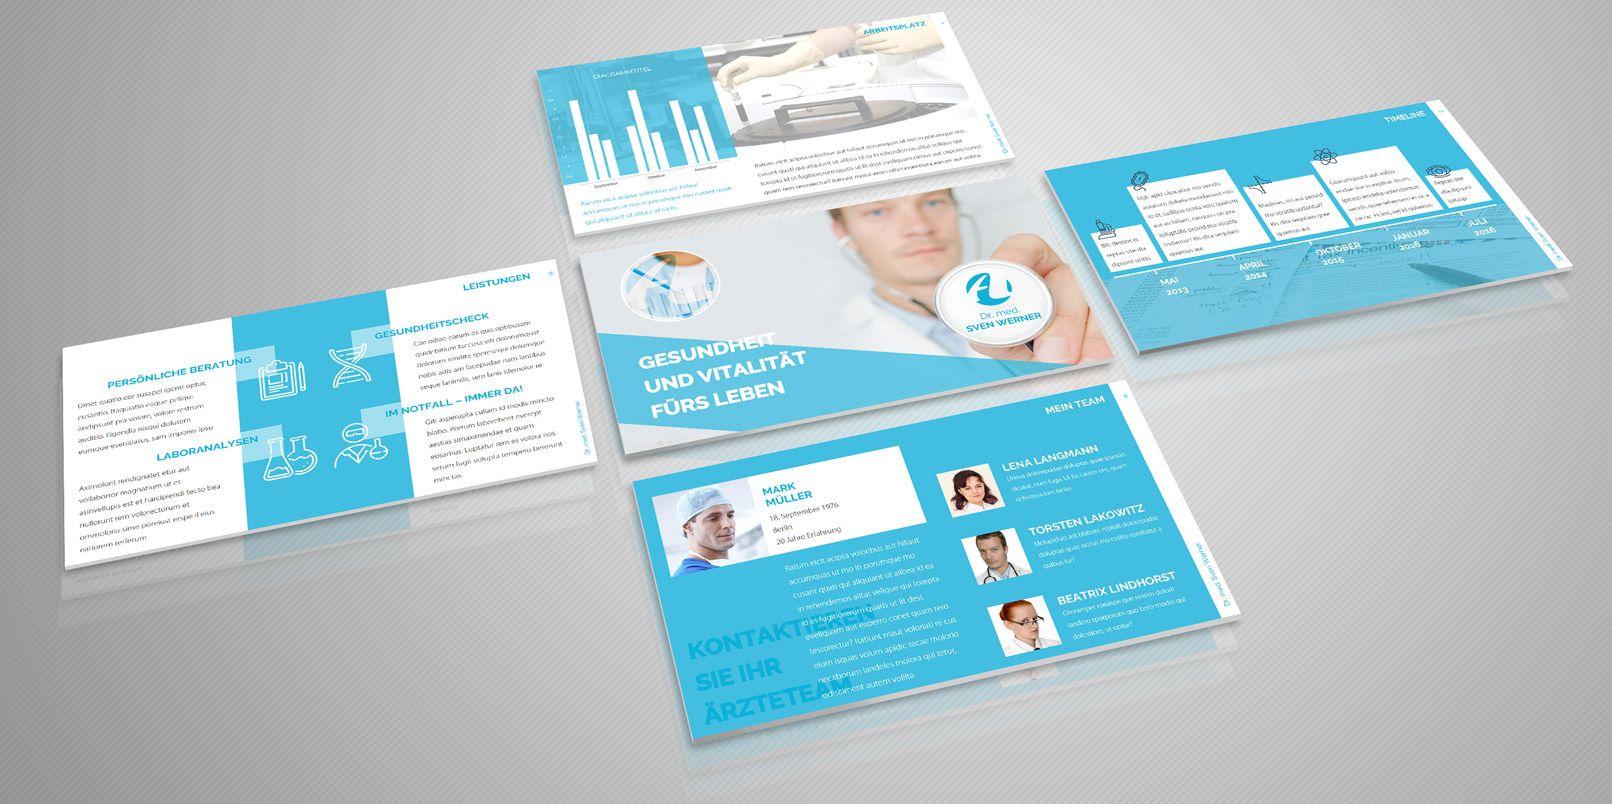 Moderne PowerPoint-Vorlagen | Powerpoint vorlagen, Vorlagen und ...